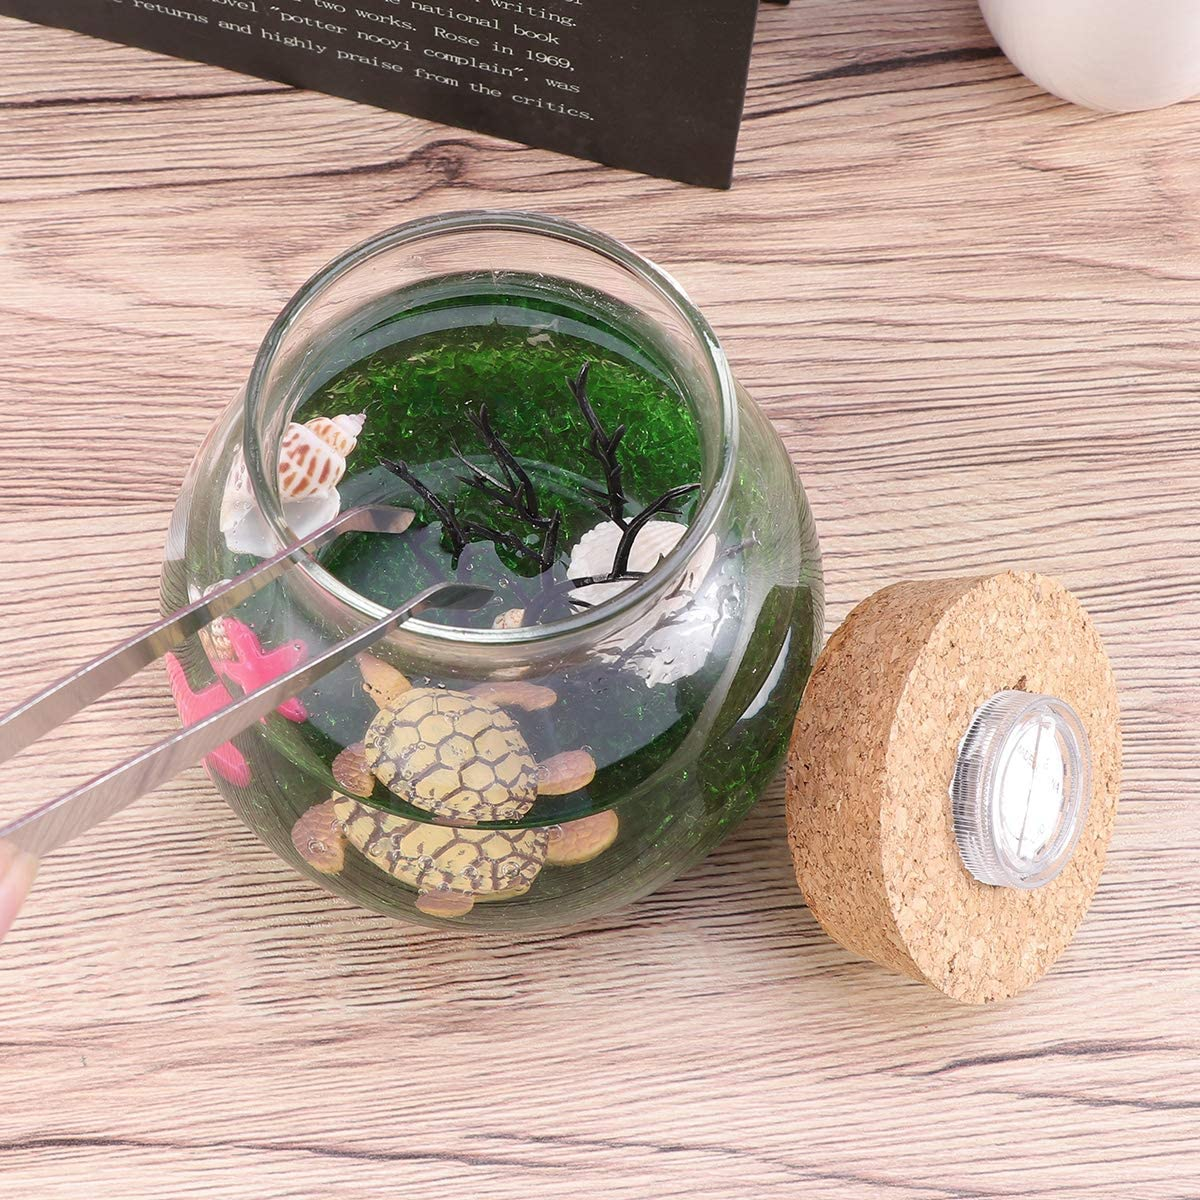 Balacoo Mini Acquario Bottiglia Serbatoio di Pesce Micro Paesaggio Creativo Eco LED Night Night Lights Decorazioni da tavola Regali Tartaruga S